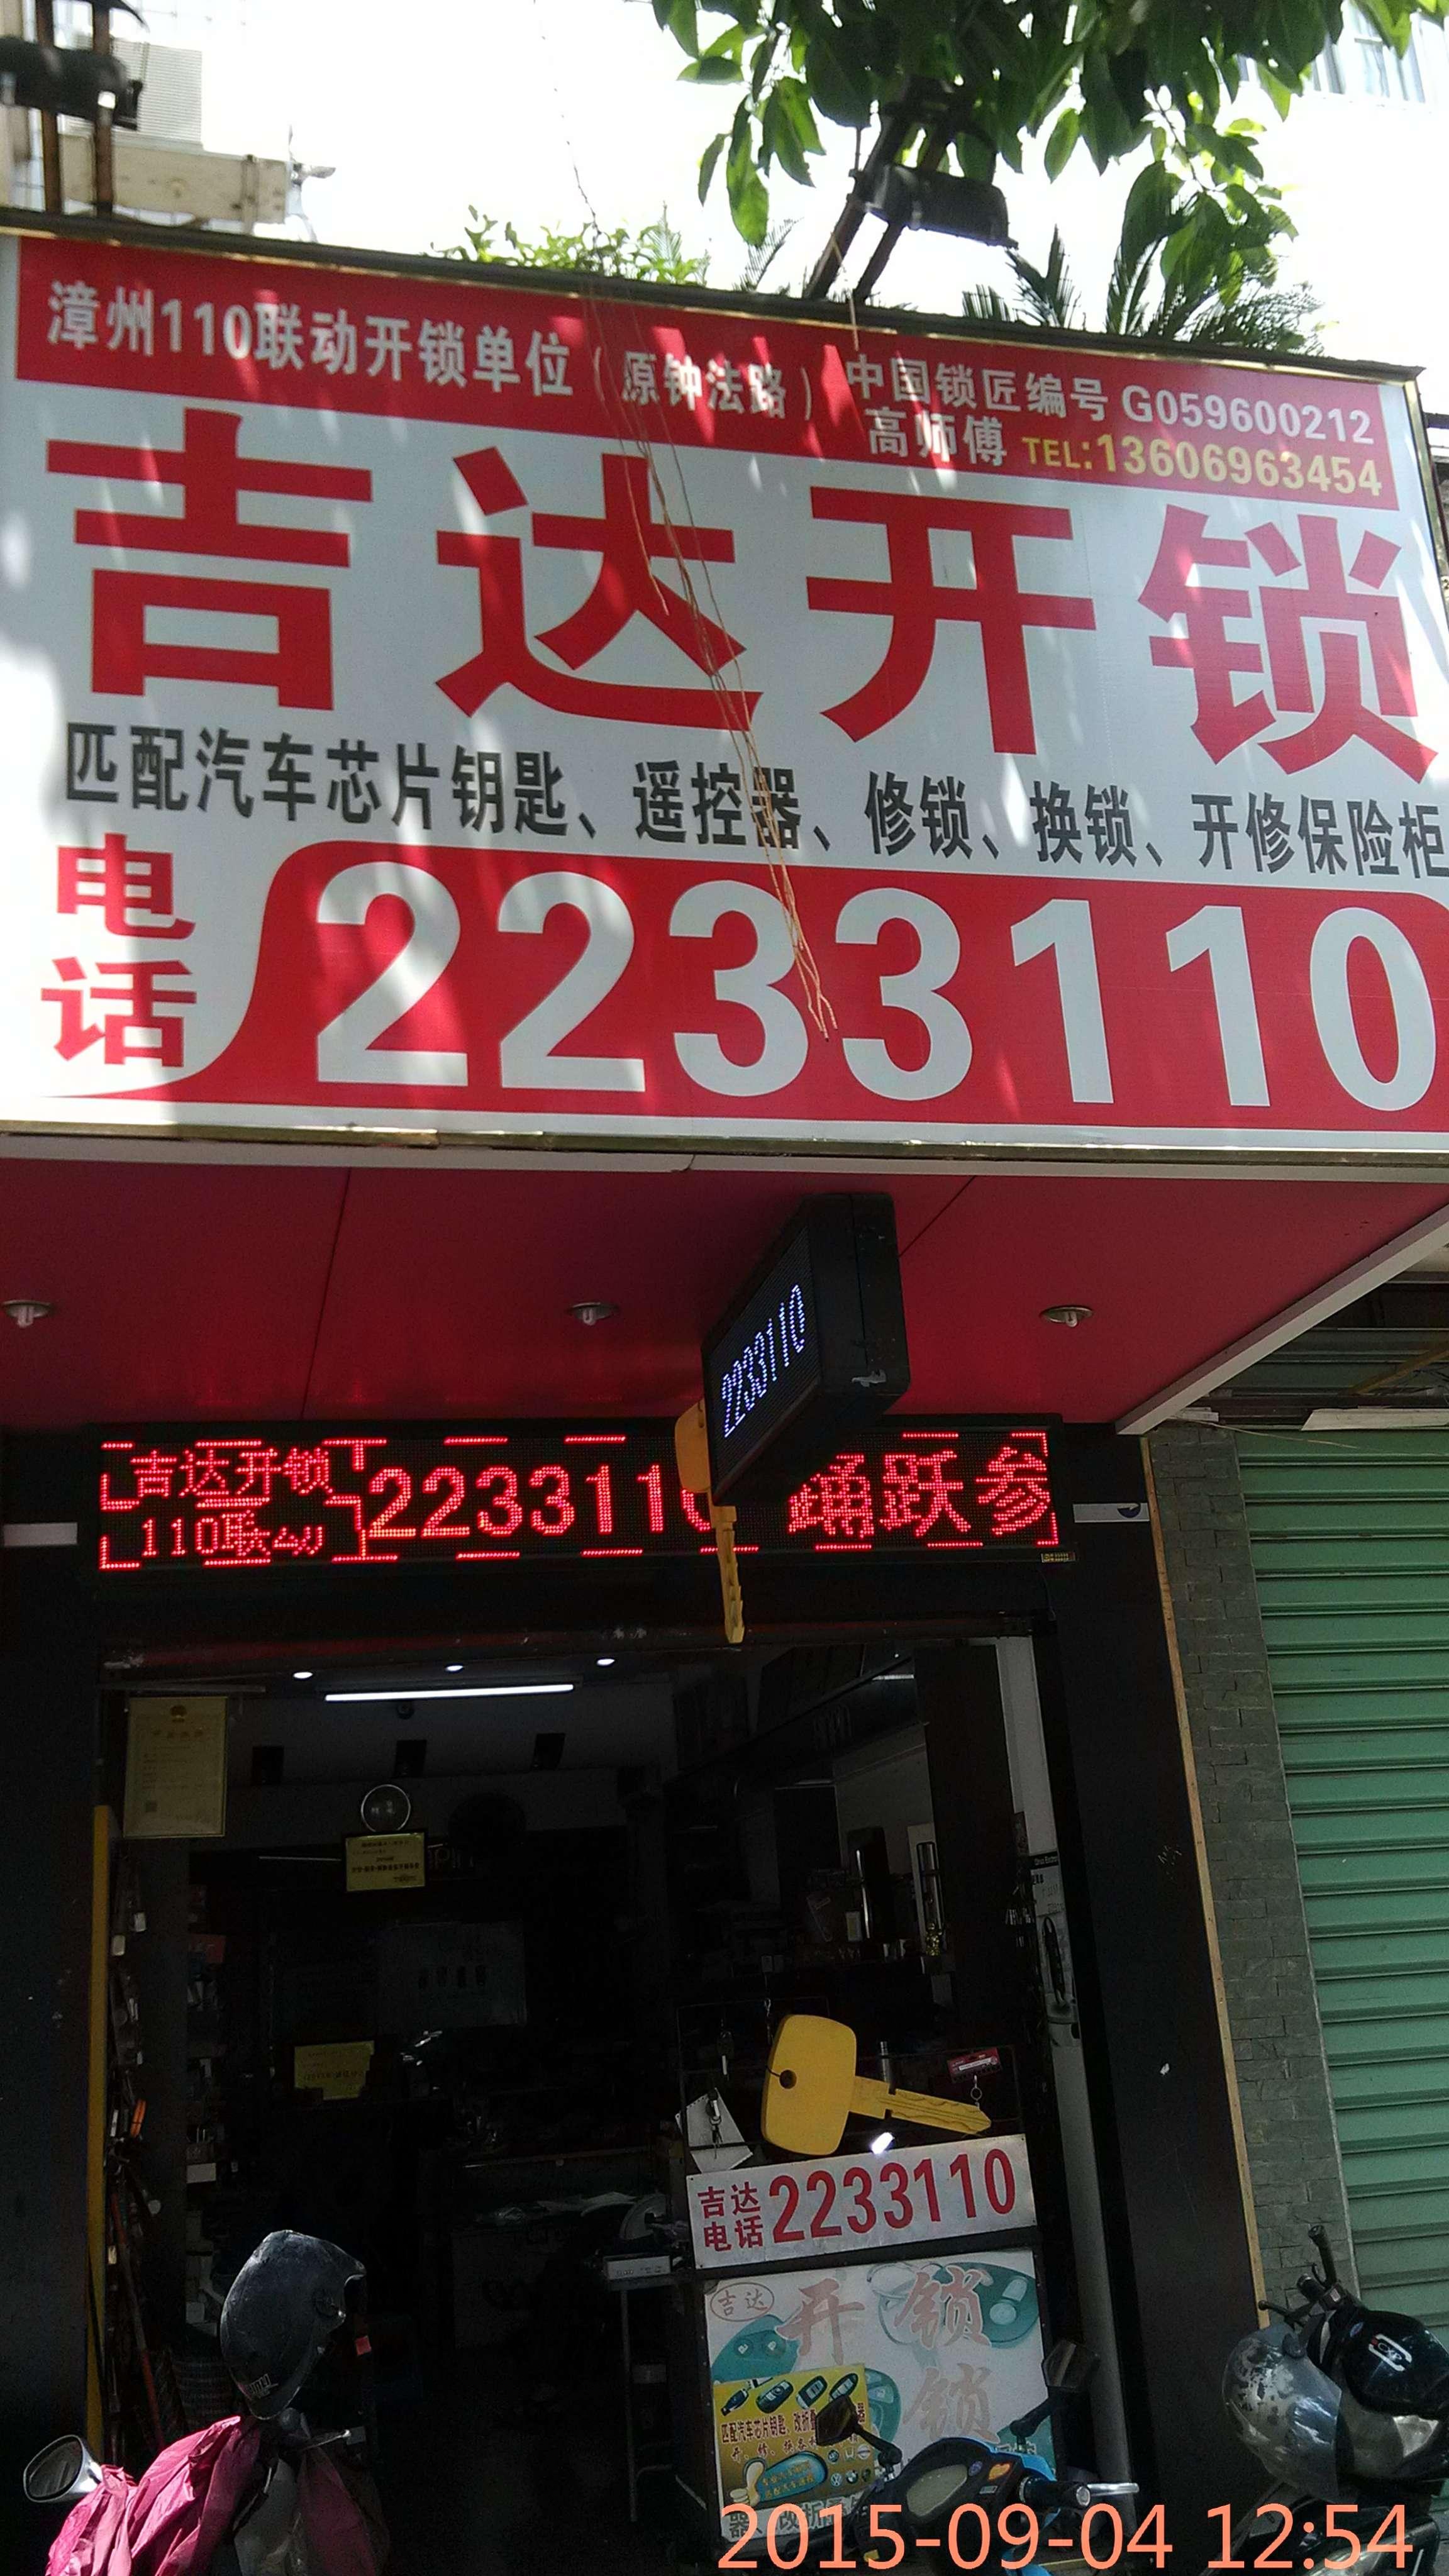 漳州开锁_配汽车钥匙【吉达开锁】提供漳州芗城区,区